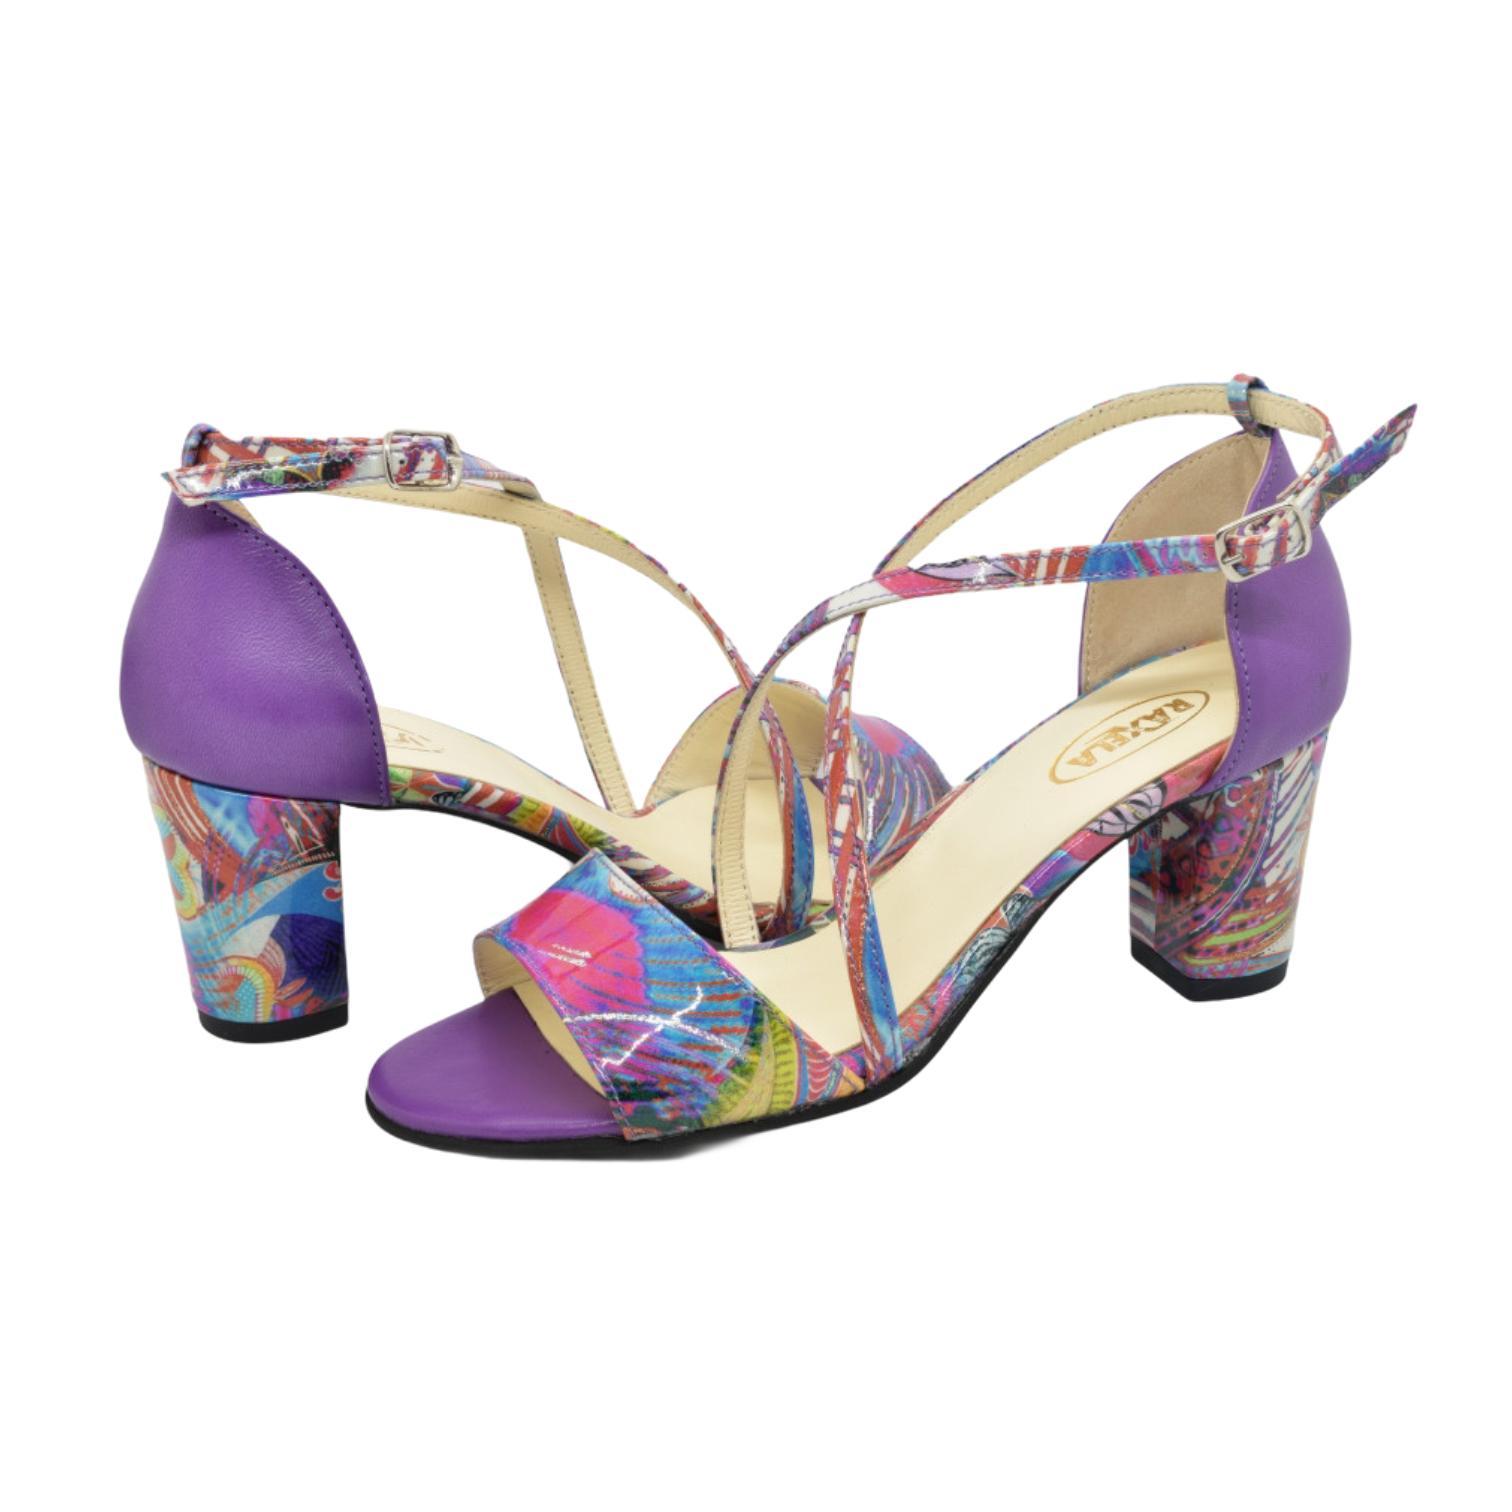 Sandale mov cu model floral